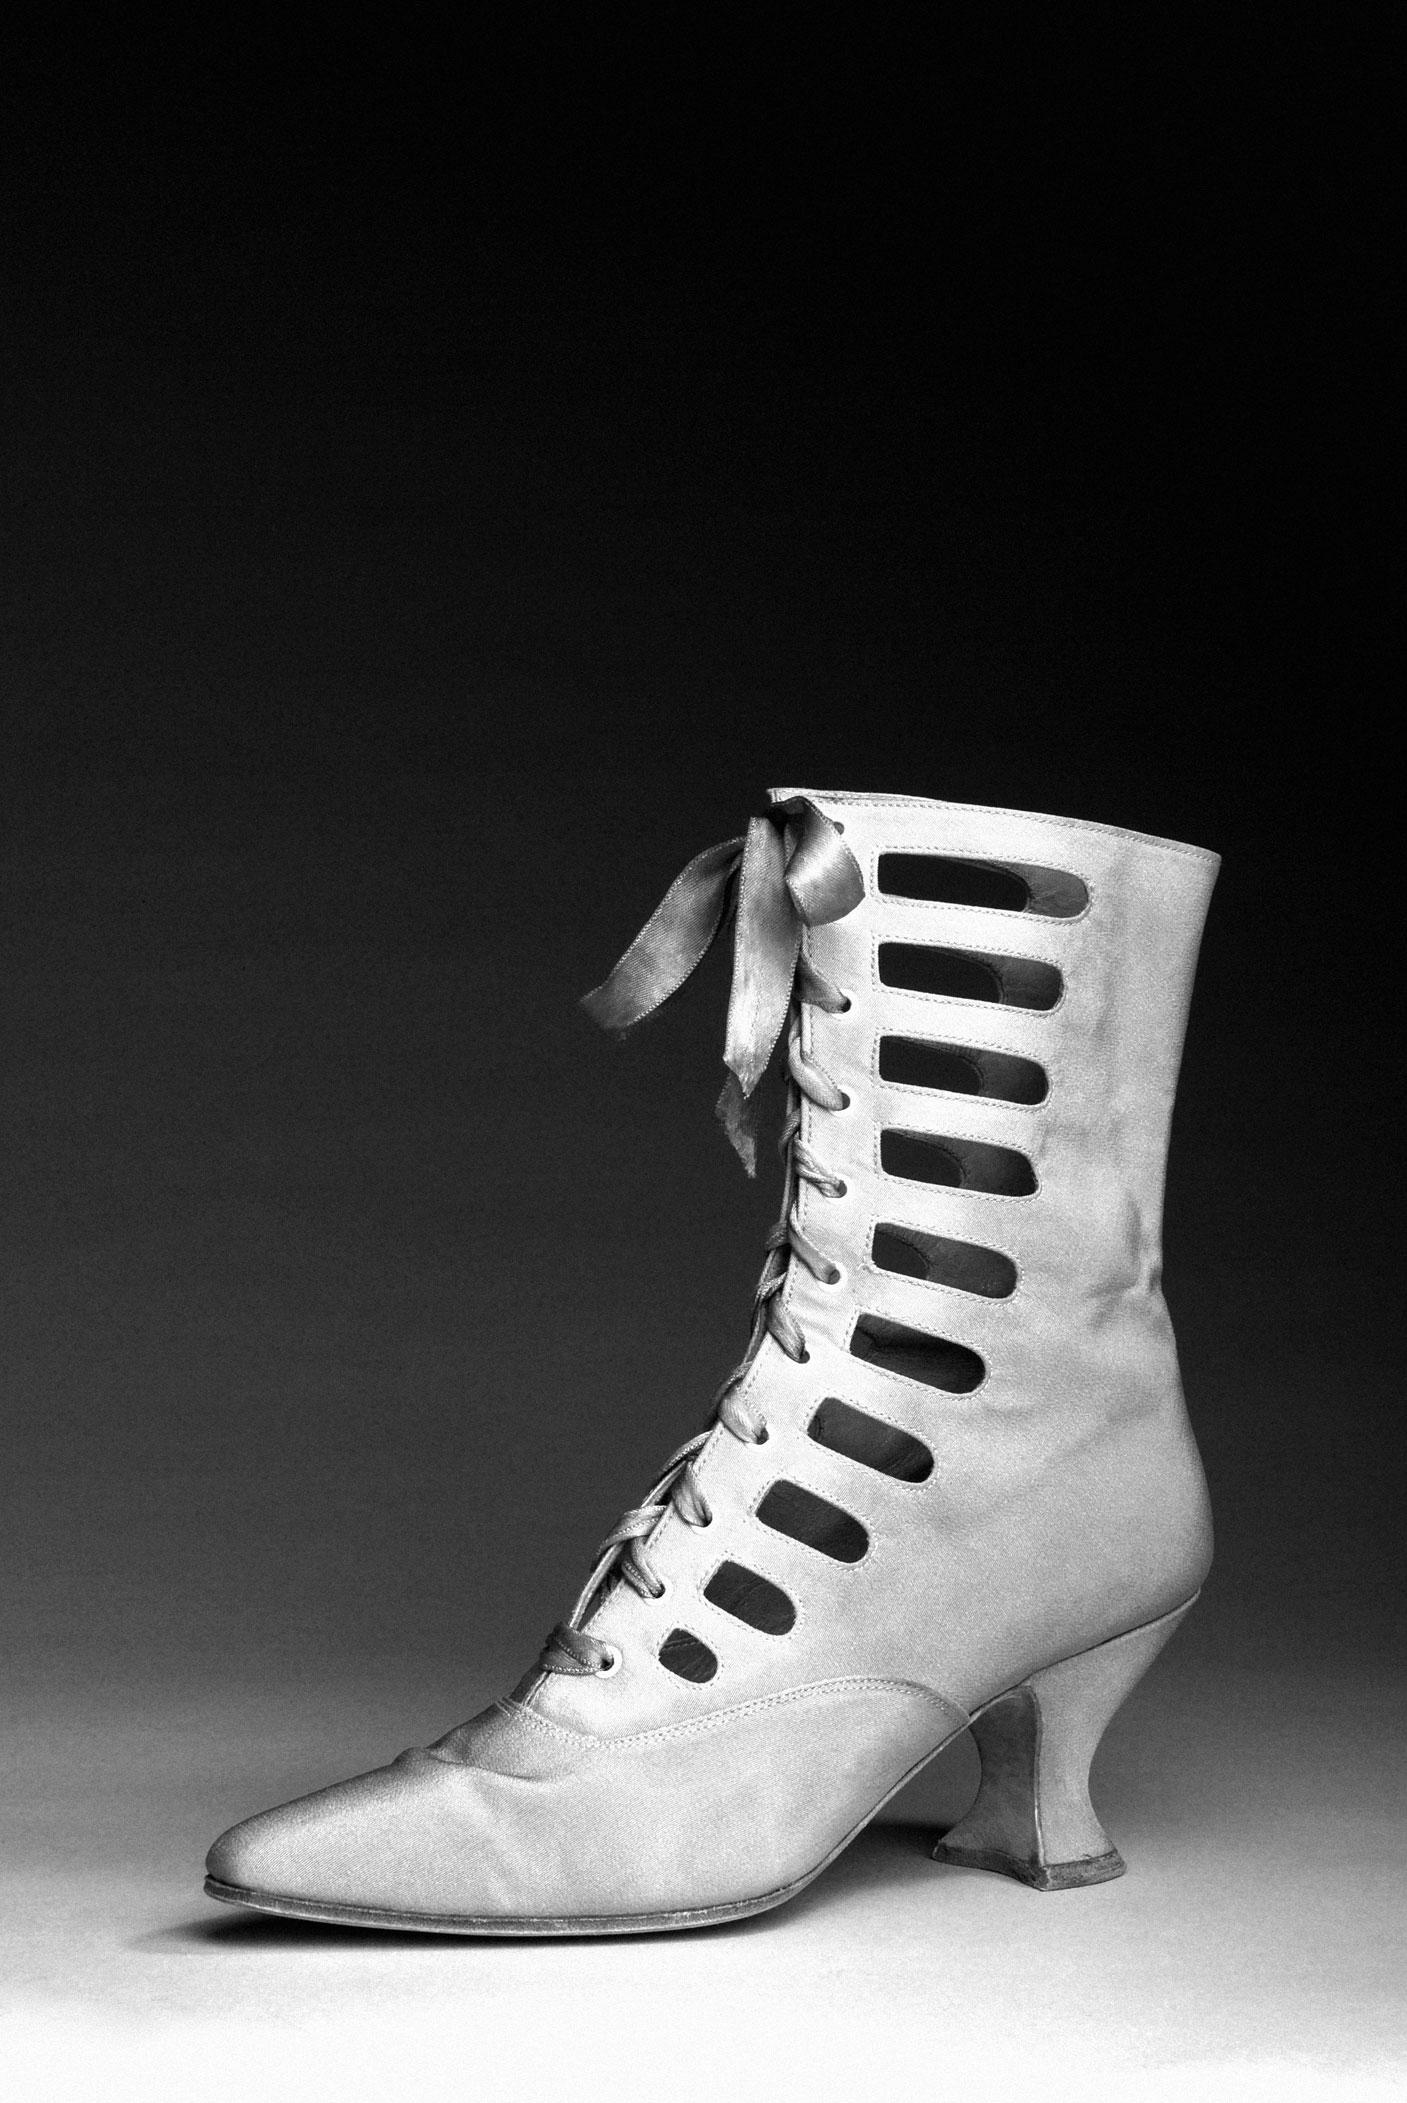 ayakkab� foto�raflar� (istek)